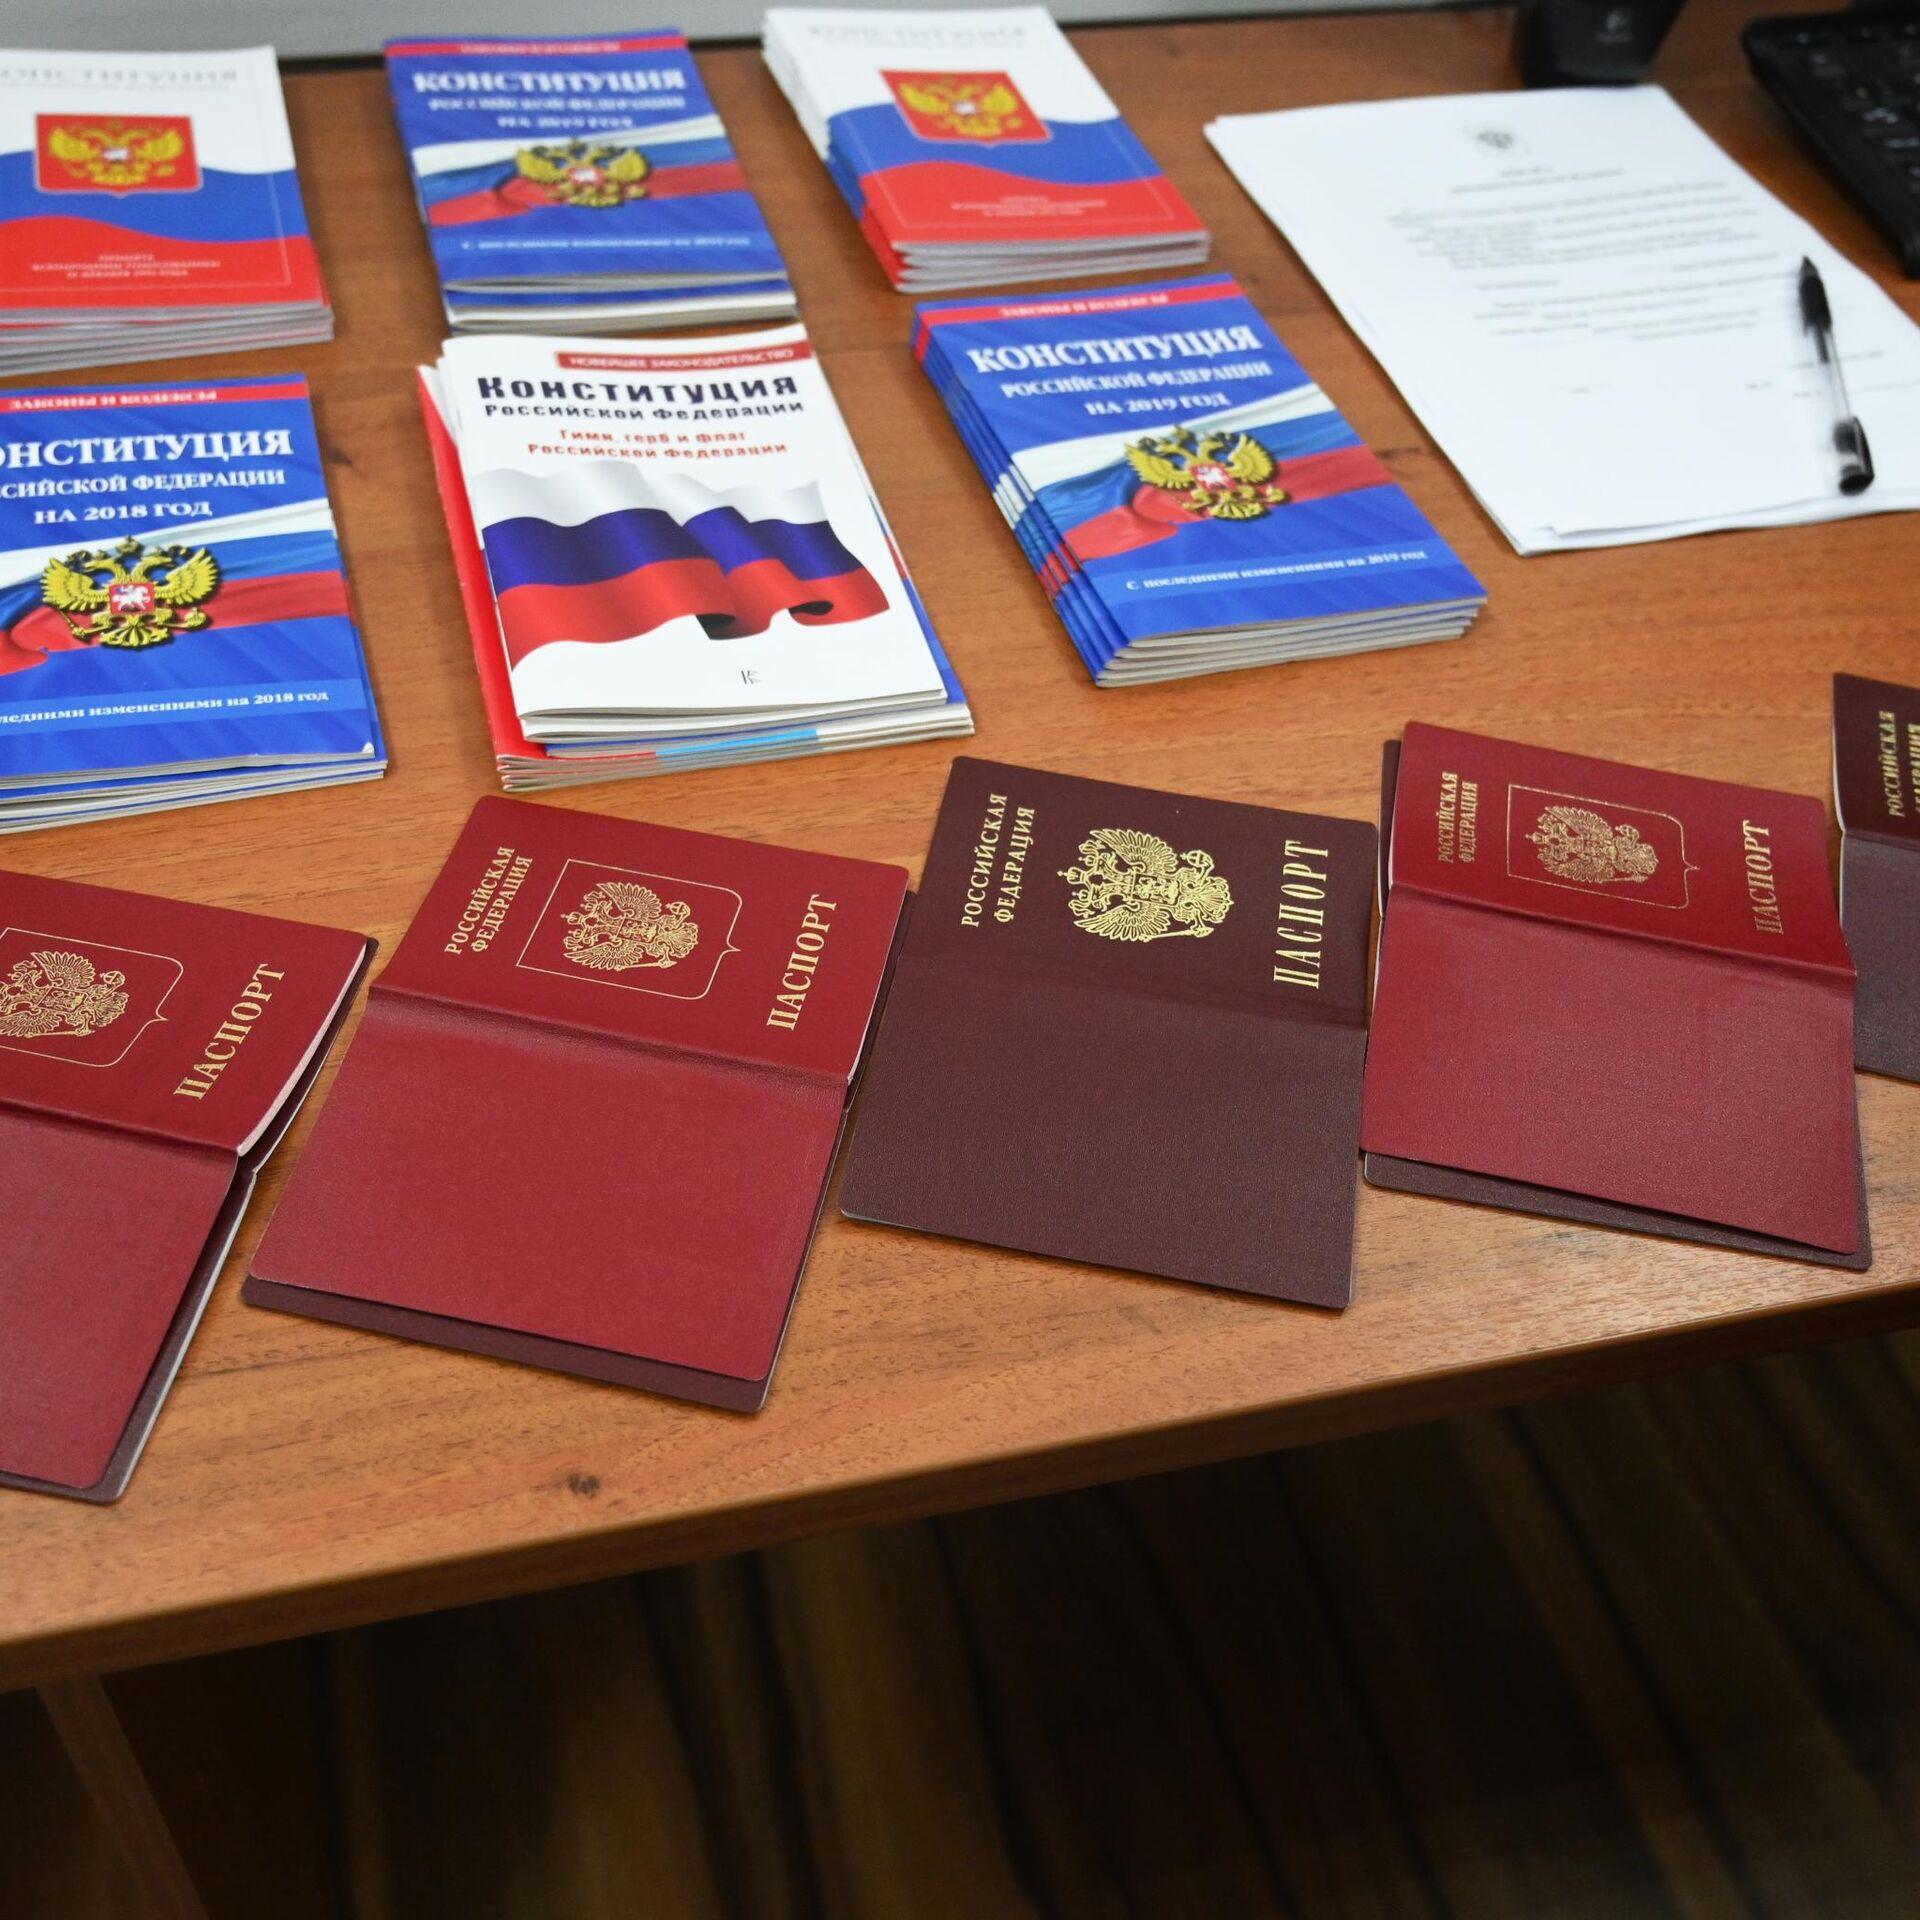 Более 85 тысяч жителей ЛНР получили российские паспорта - РИА Новости,  05.03.2020